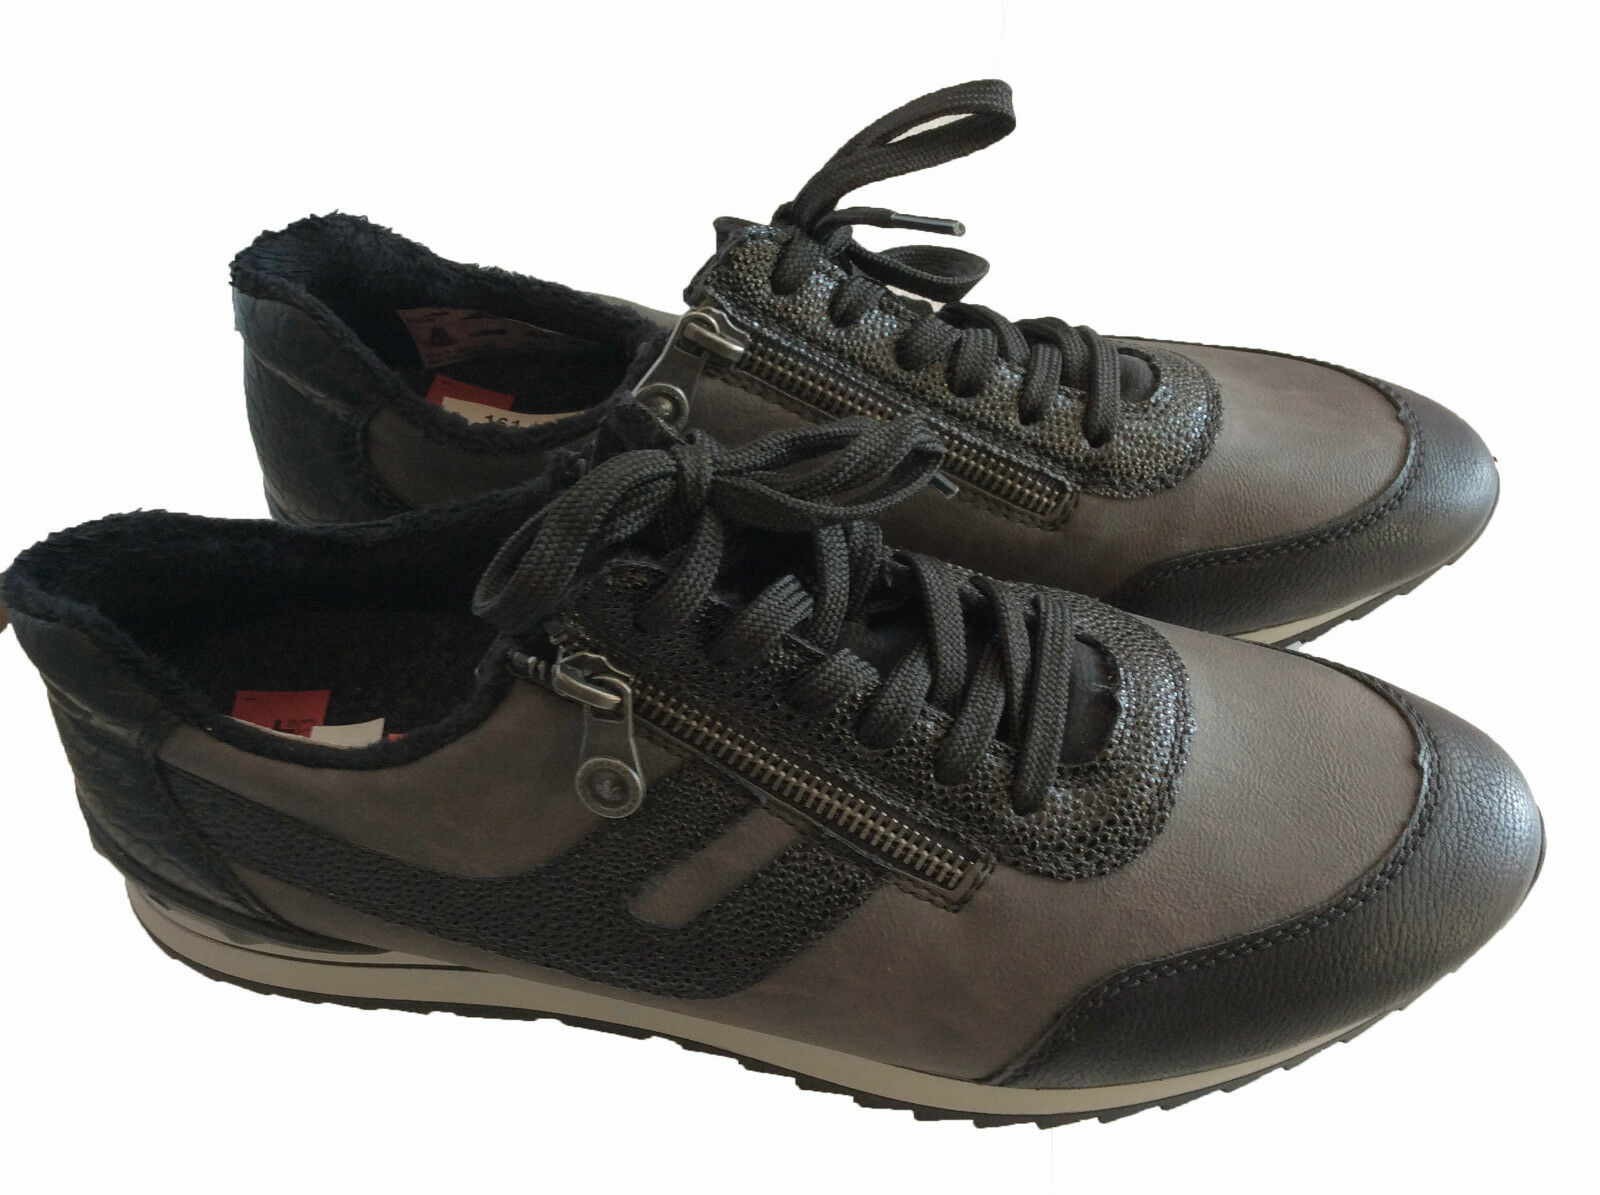 Rieker Halbschuhe Sneaker Schwarz Grau Schnürschuh Turnschuh Damen Schuhe 161154